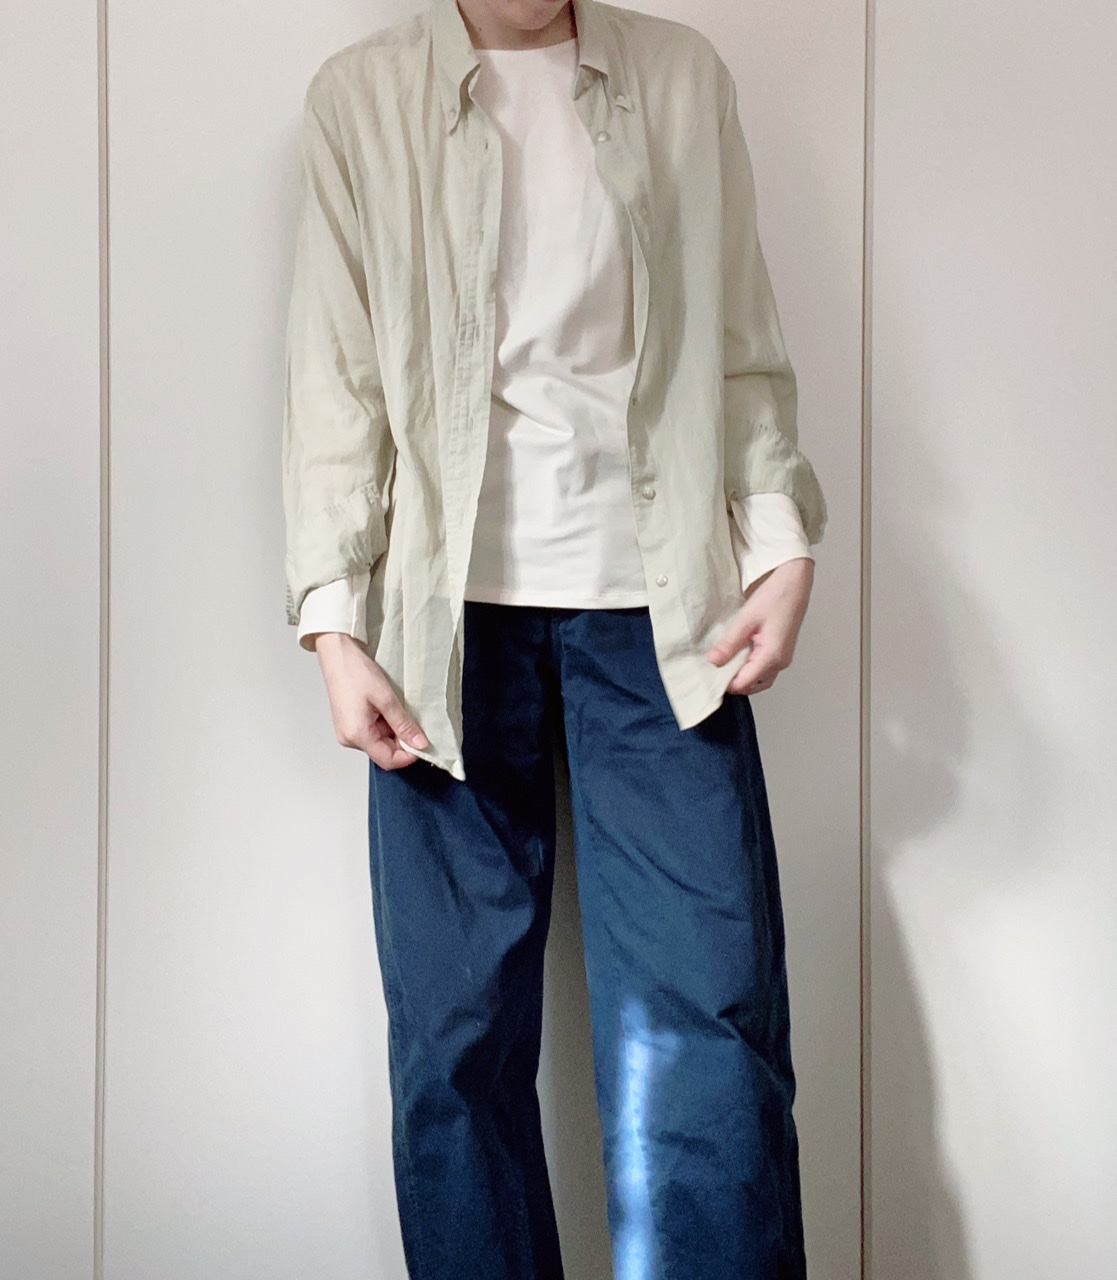 『ユニクロ ユー』ヒートテック発売記念! ライターみかりんがガチ私服で着回し♪ メンズアイテムはどう着こなす?_5